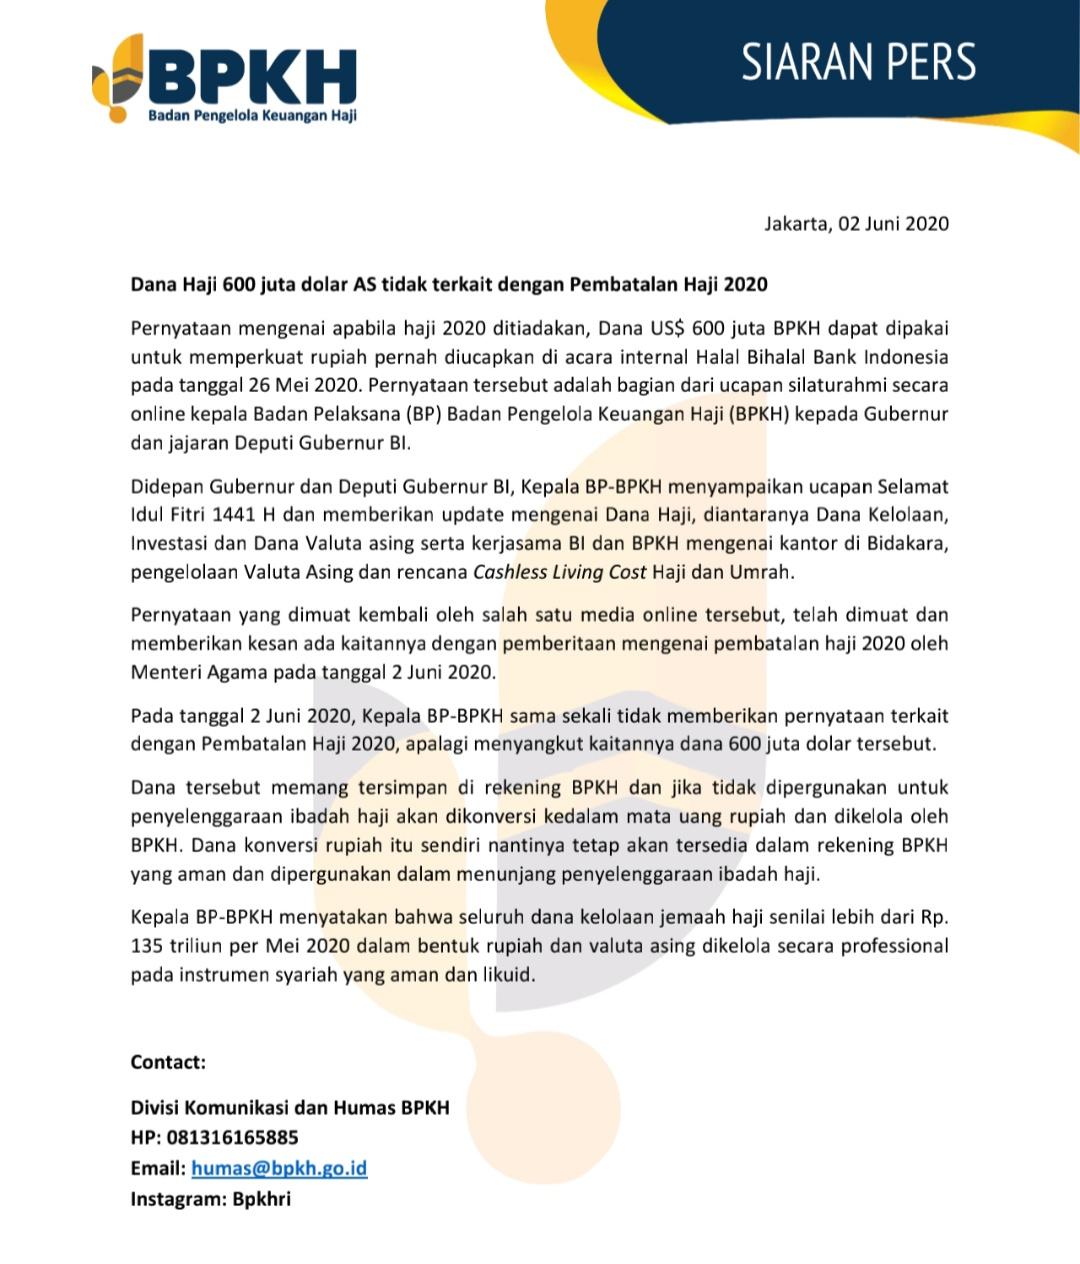 Dana Haji 600 Juta Dolar As Tidak Terkait Dengan Pembatalan Haji 2020